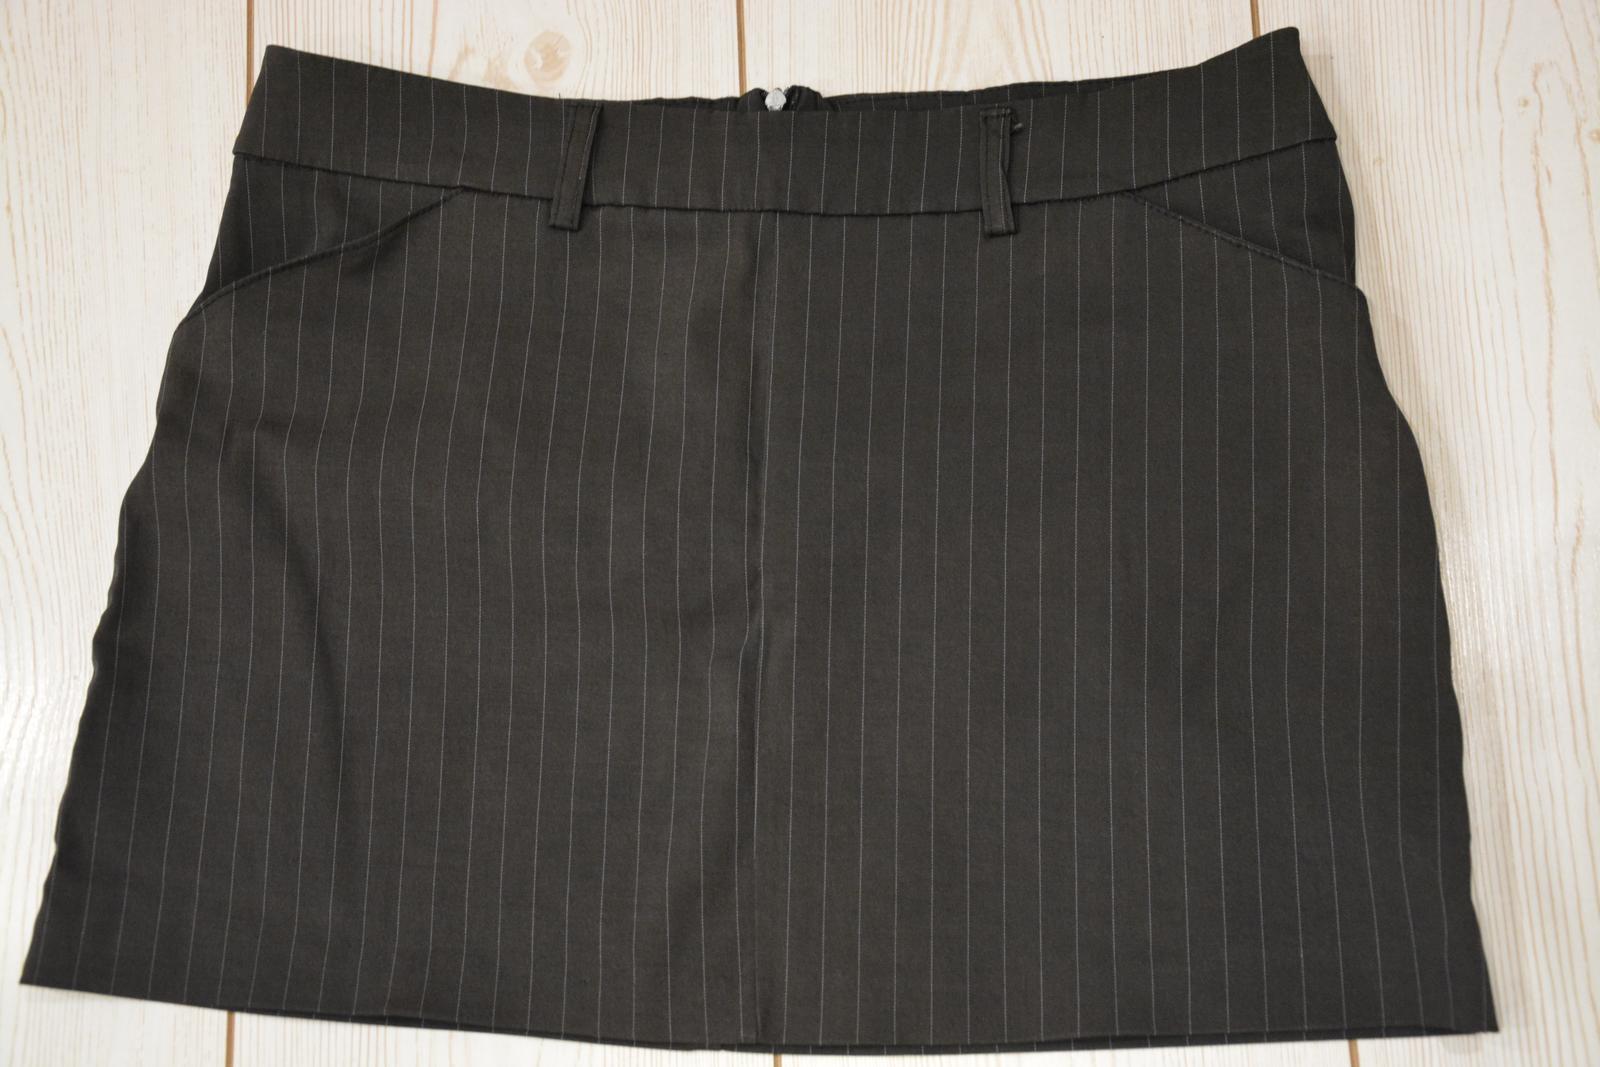 Šedá mini sukně - Obrázek č. 1